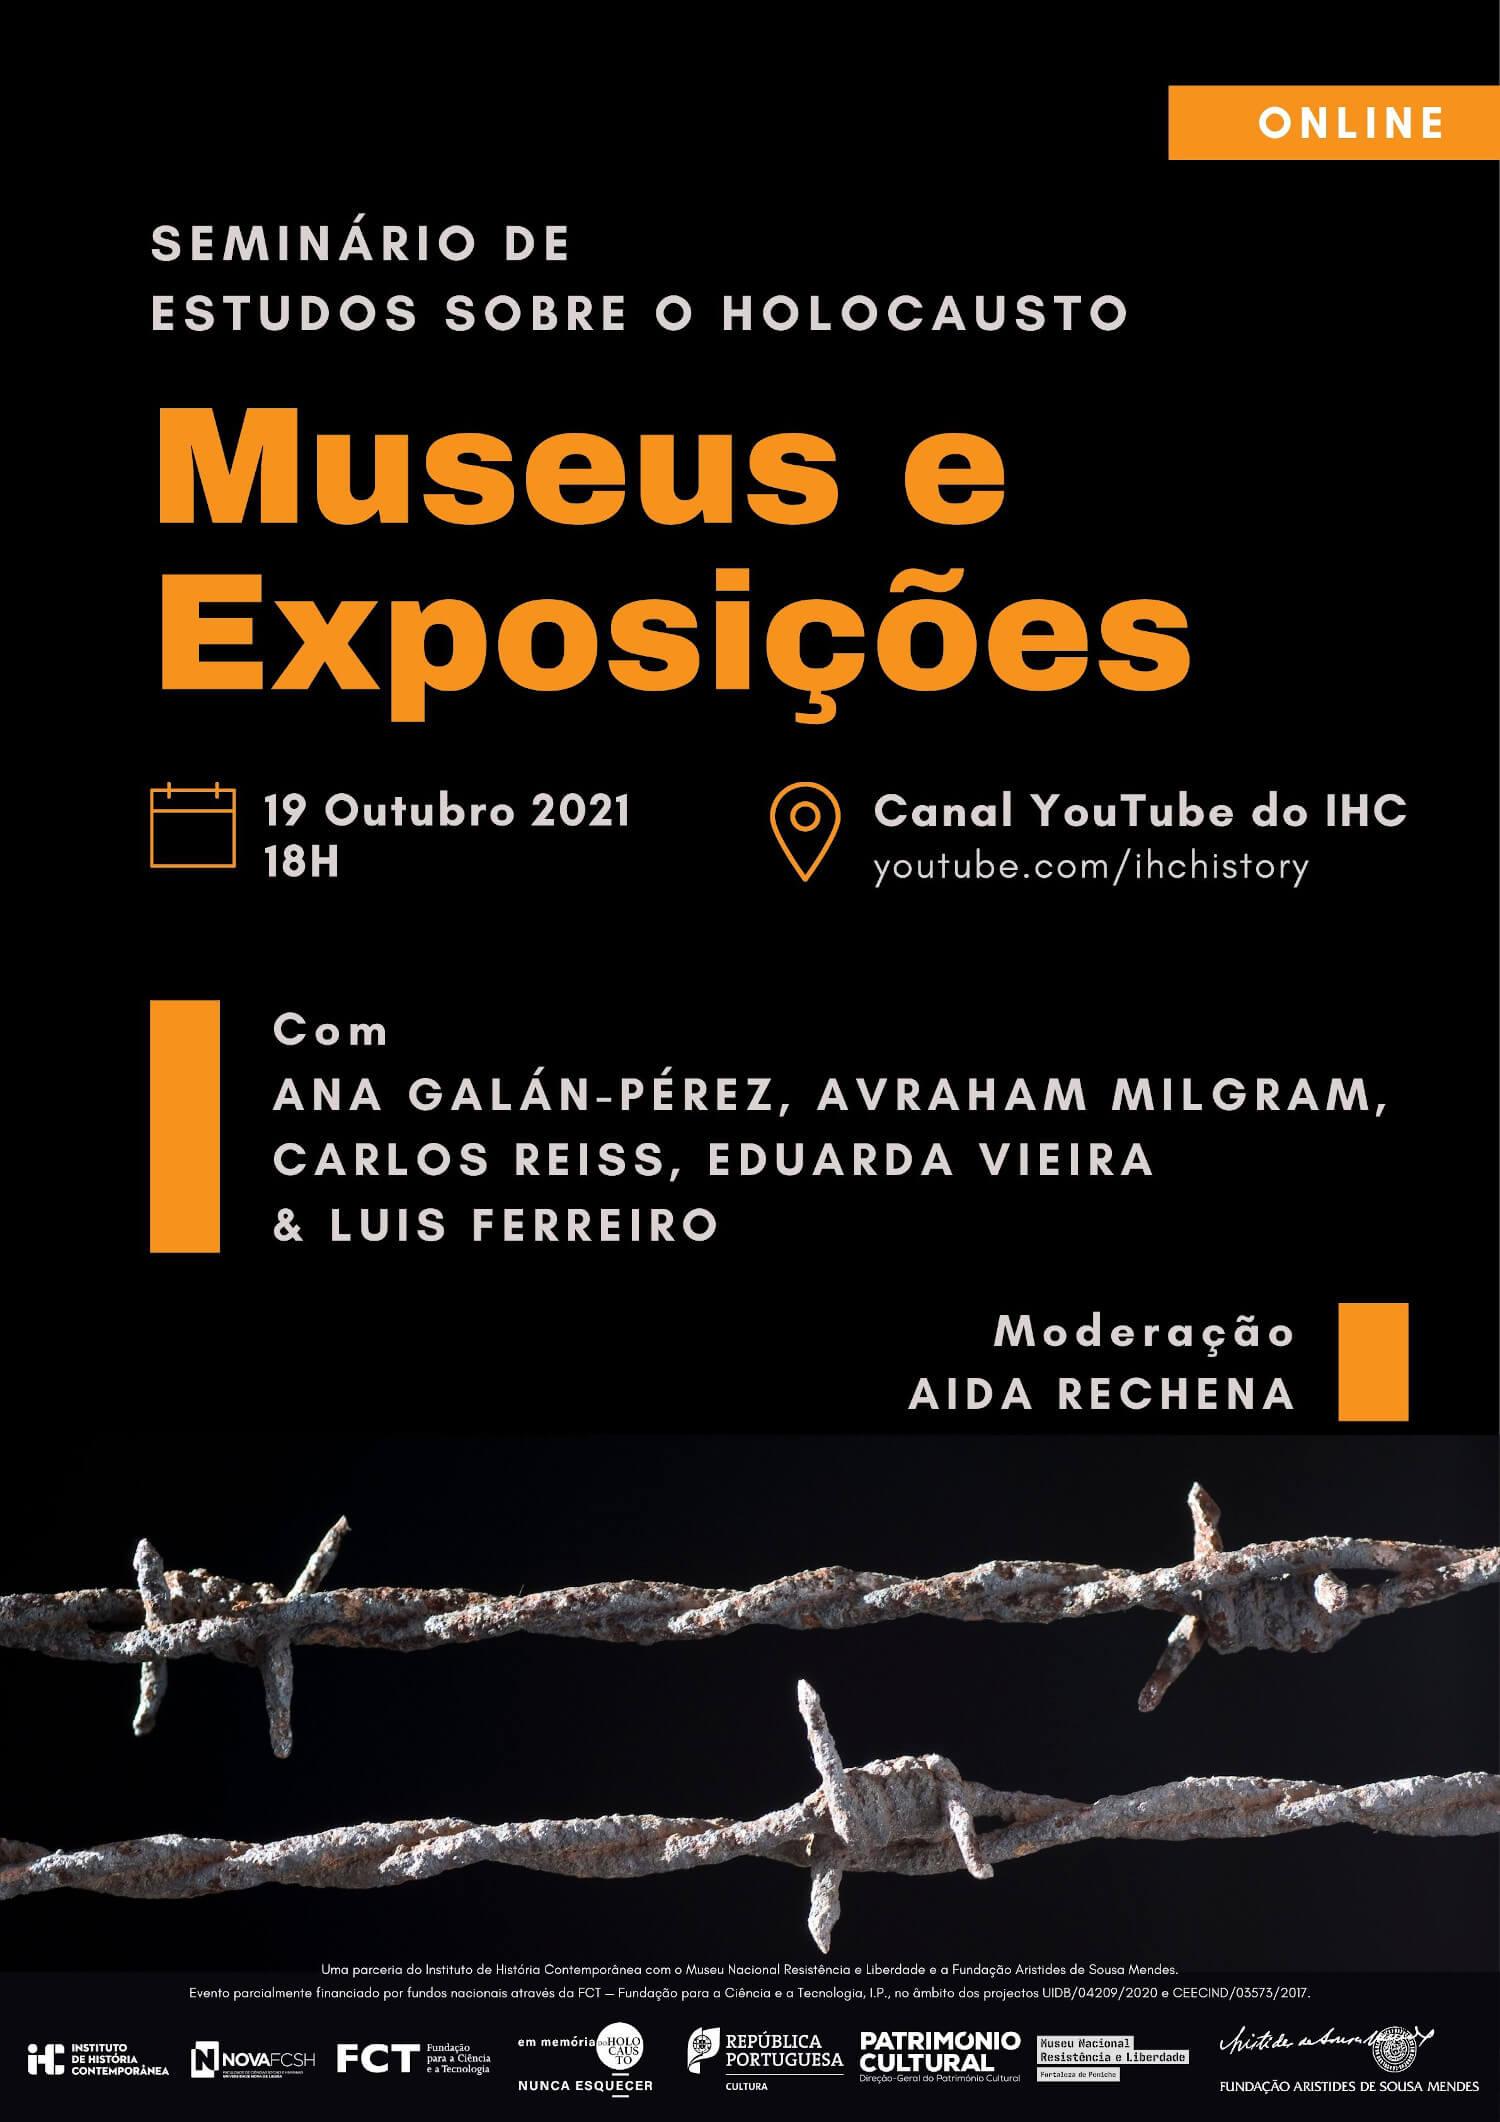 """Cartaz do seminário de estudos sobre o Holocausto com o título """"Museus e Exposições"""""""